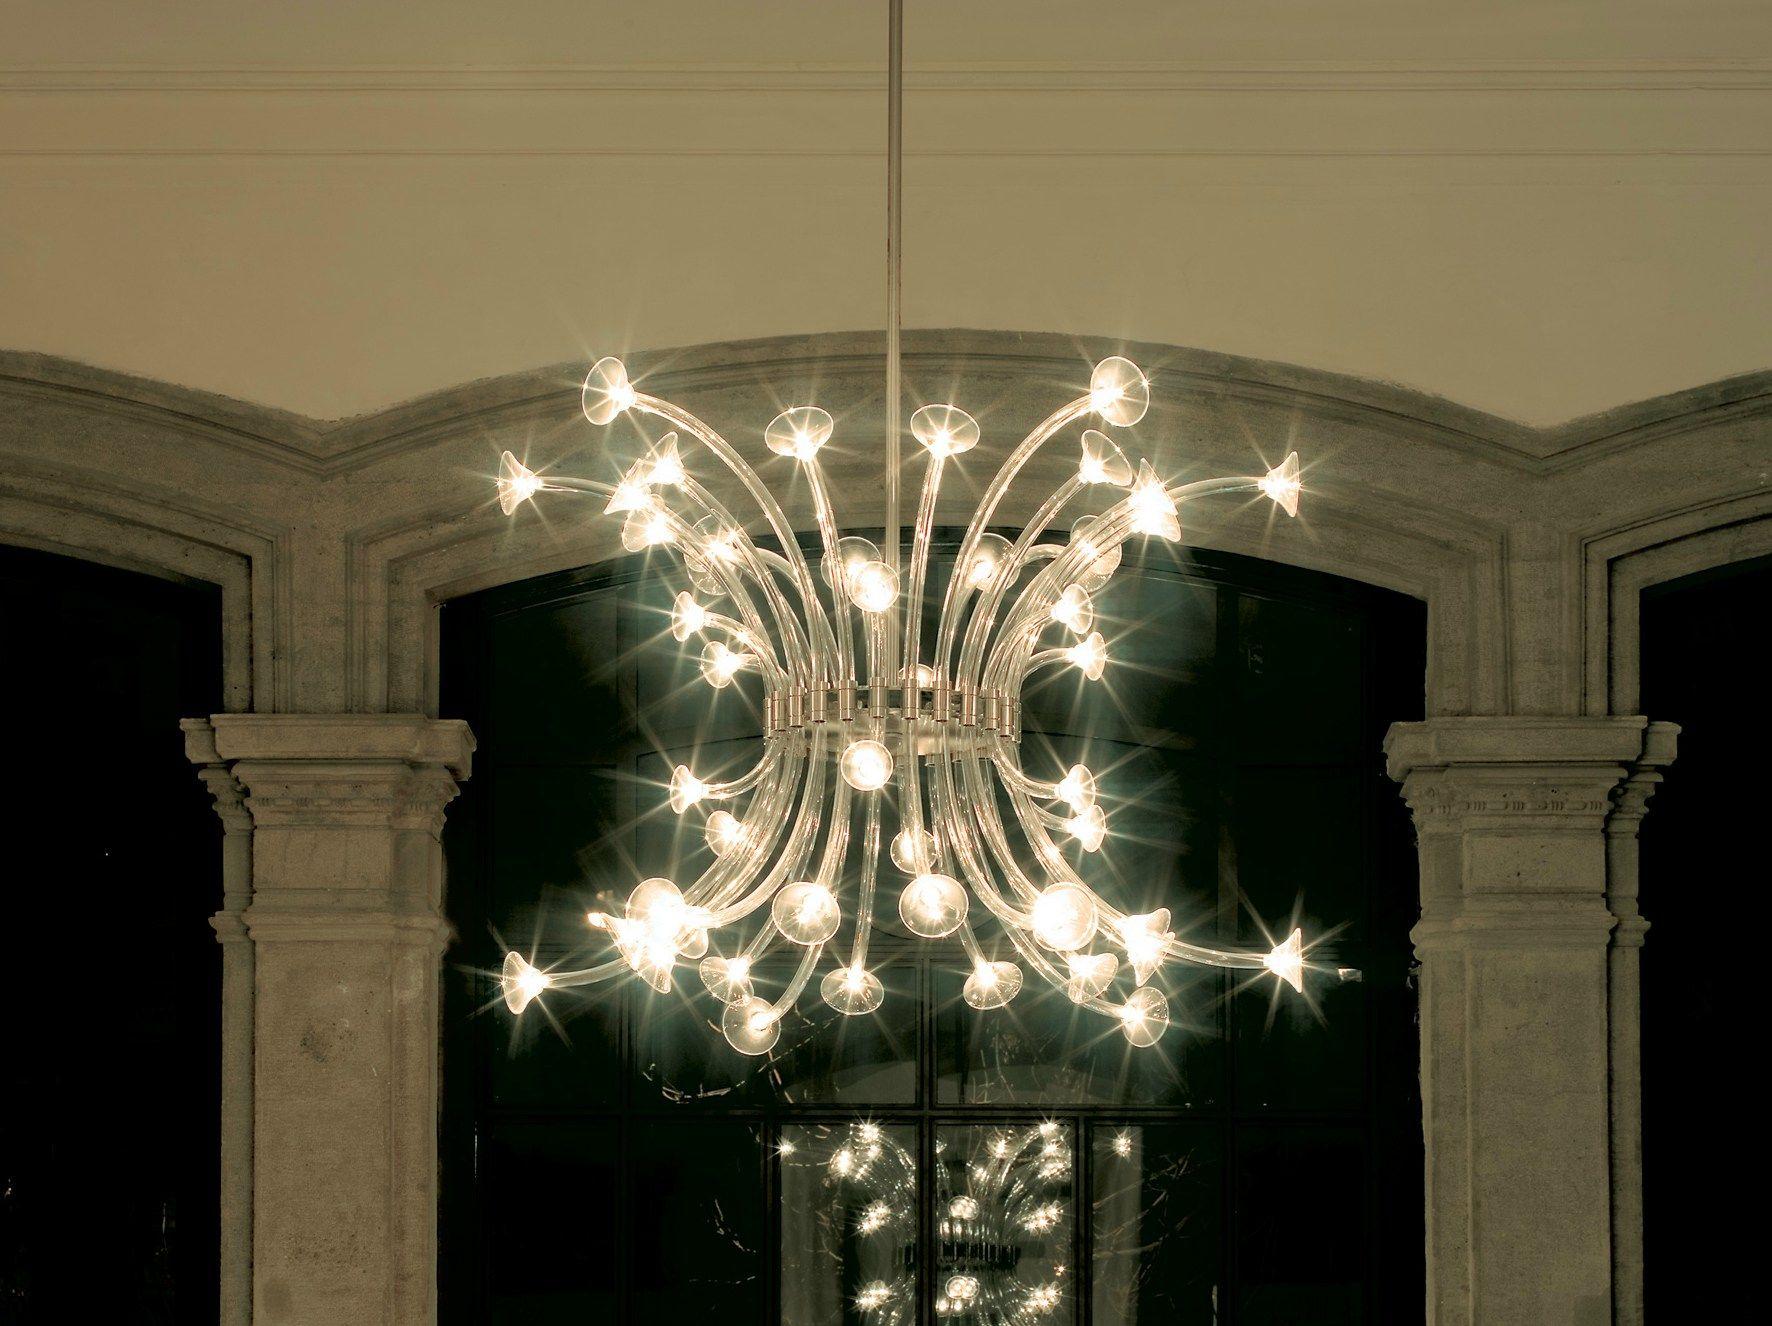 Lampada a sospensione in pyrex: disponibile anche come lampada